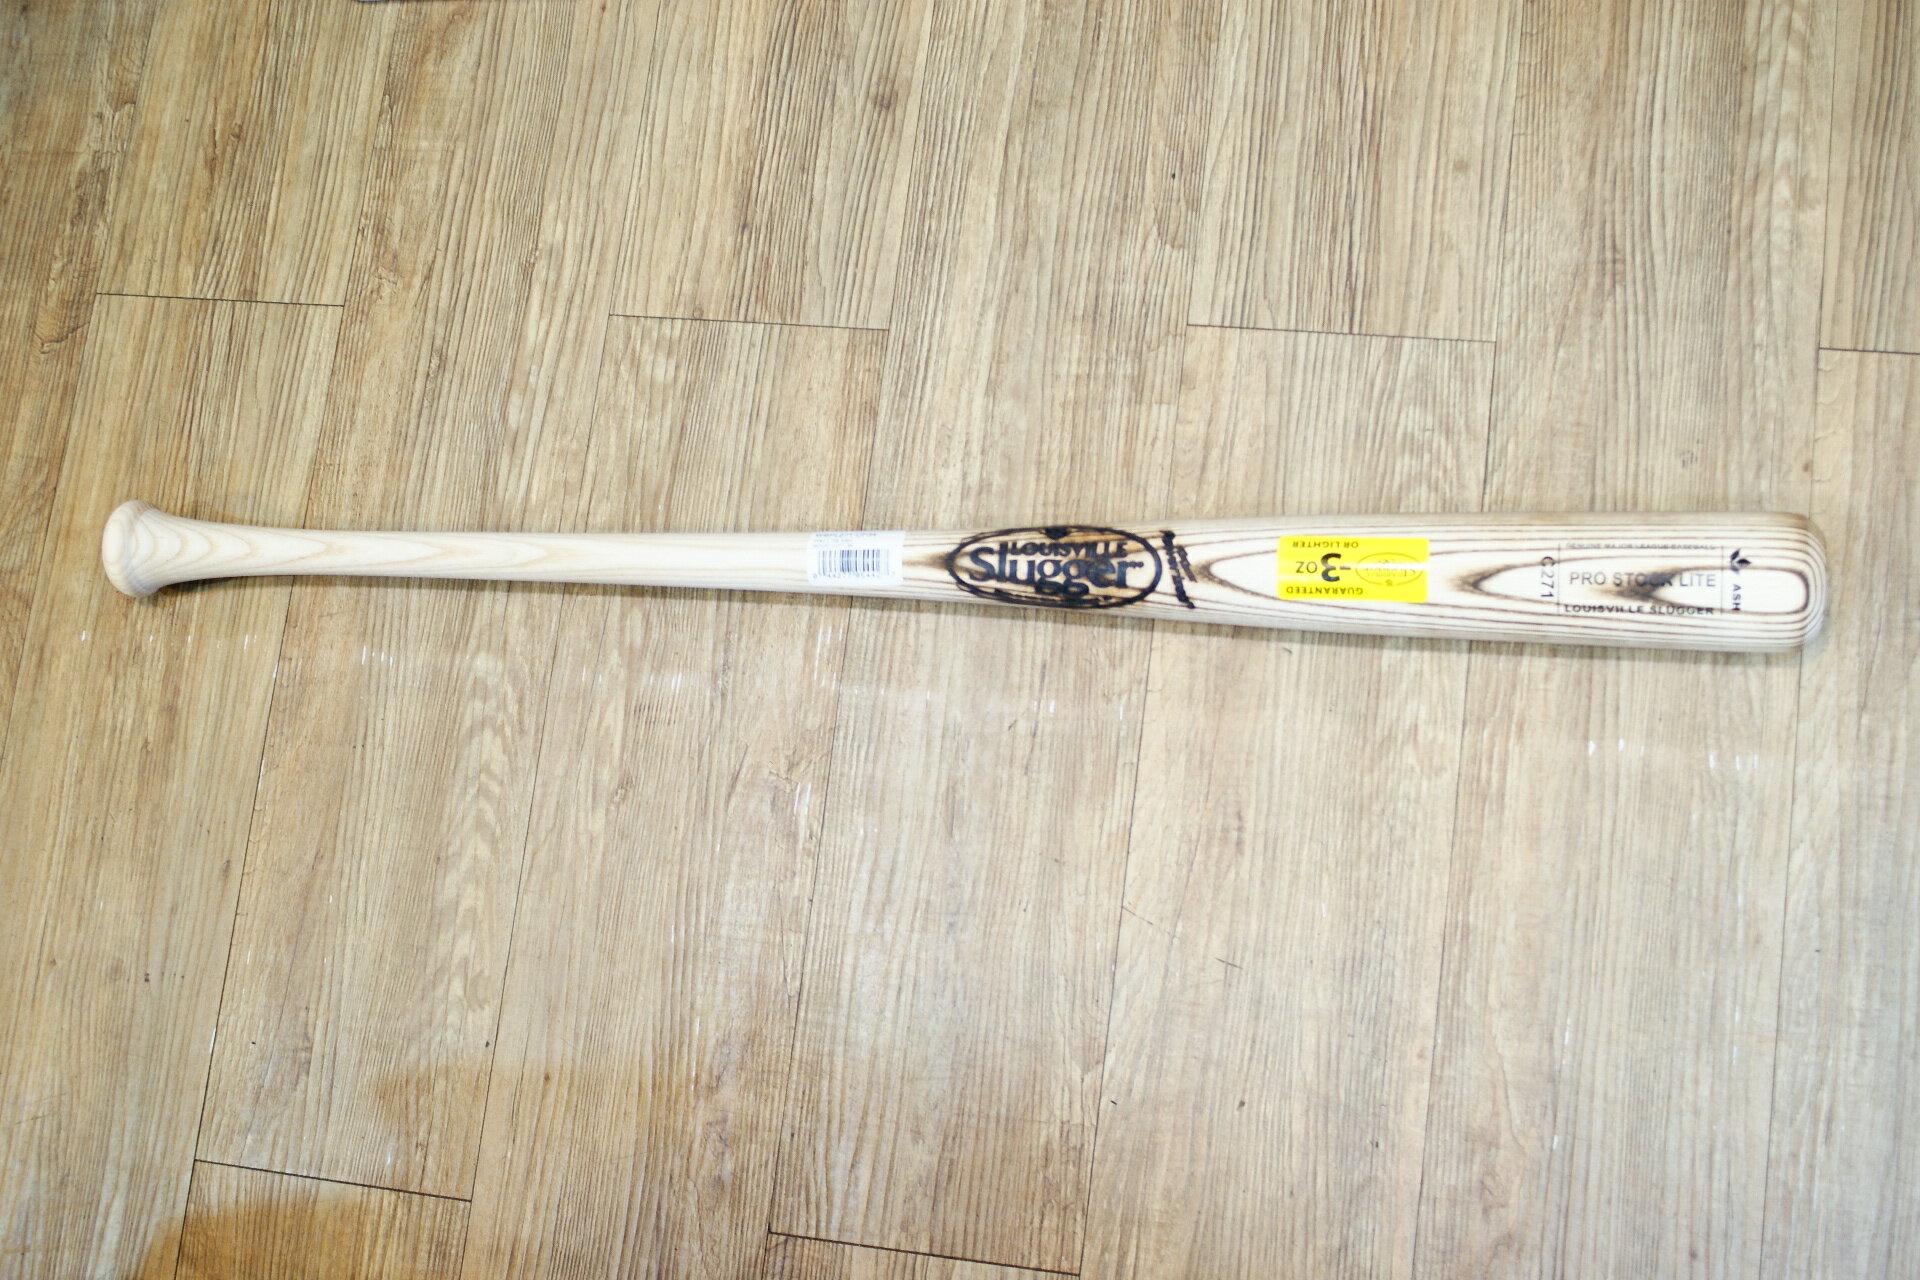 棒球世界 Louisville路易斯威爾 進口 pro stock C271白樺木棒球棒 特價 34吋 火烤木紋